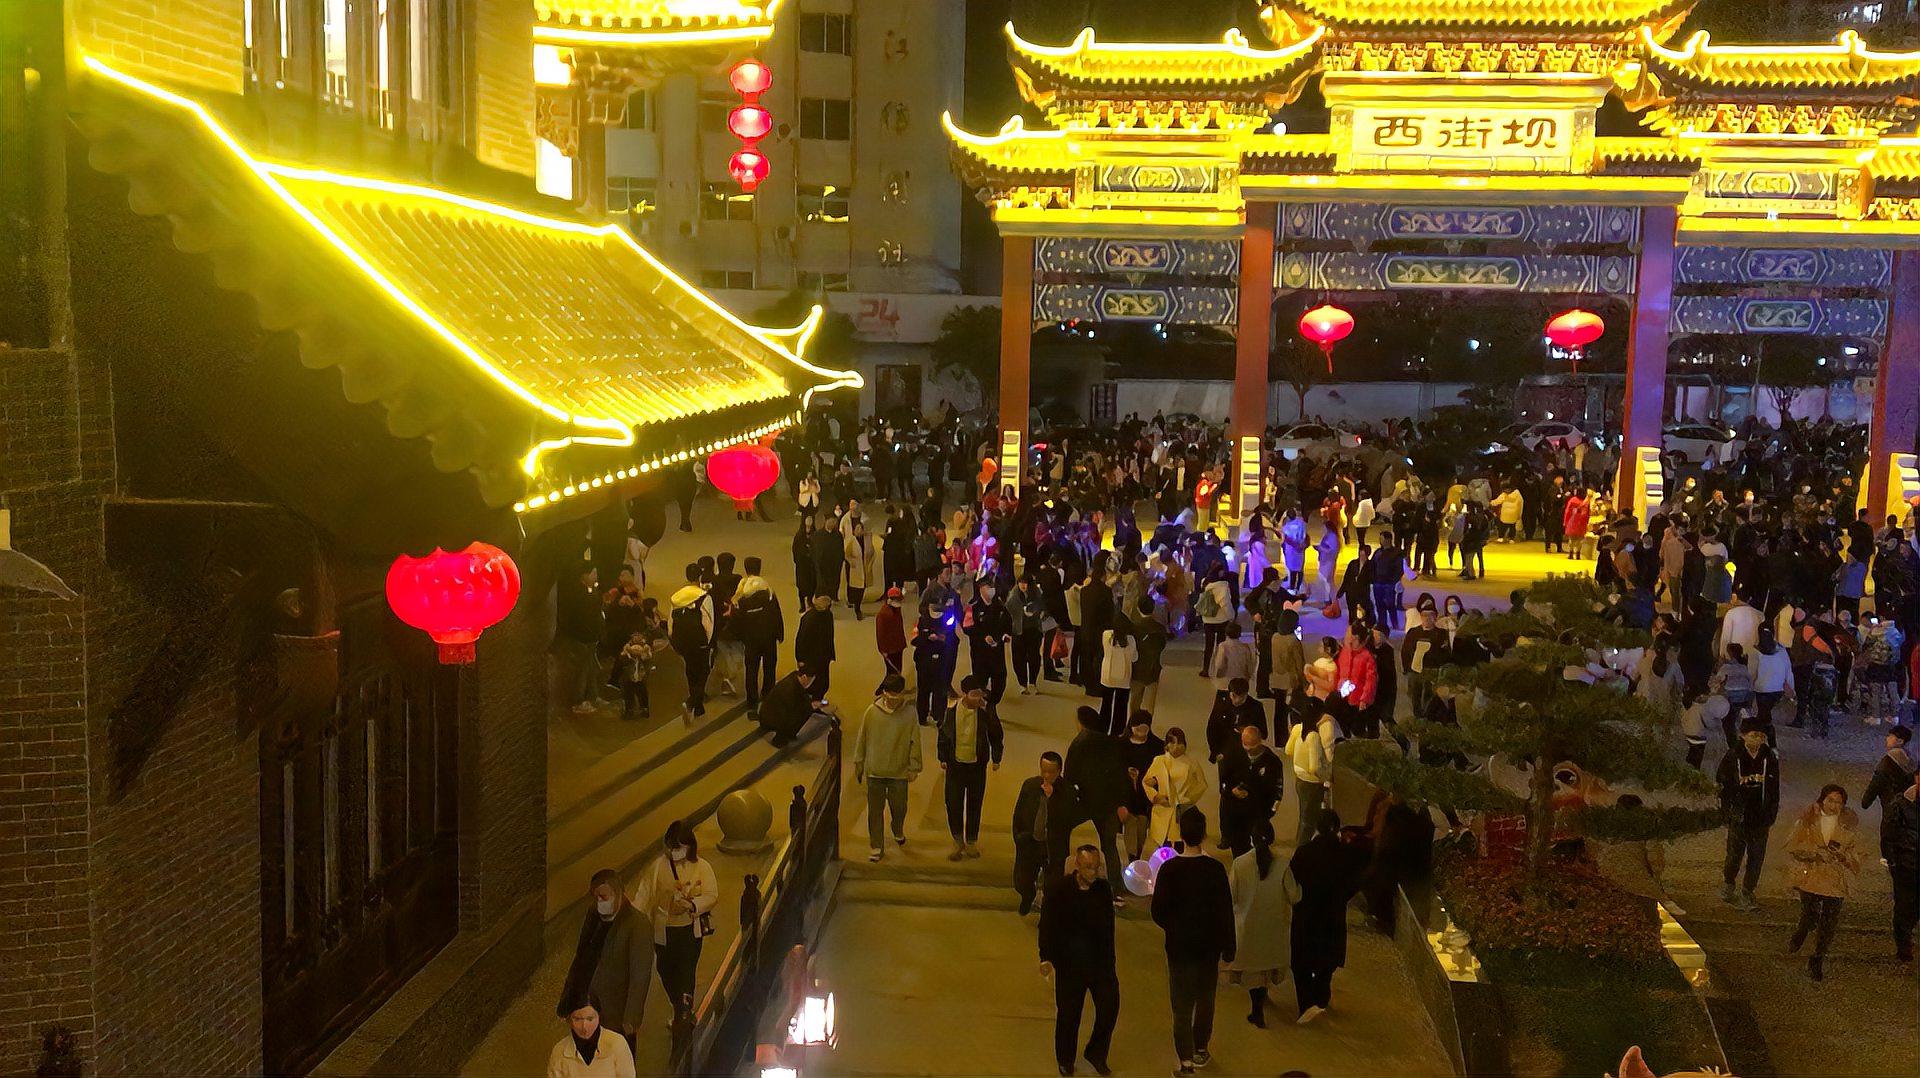 安远网红打卡地西街坝人山人海,人气爆棚,第一次见那么多人